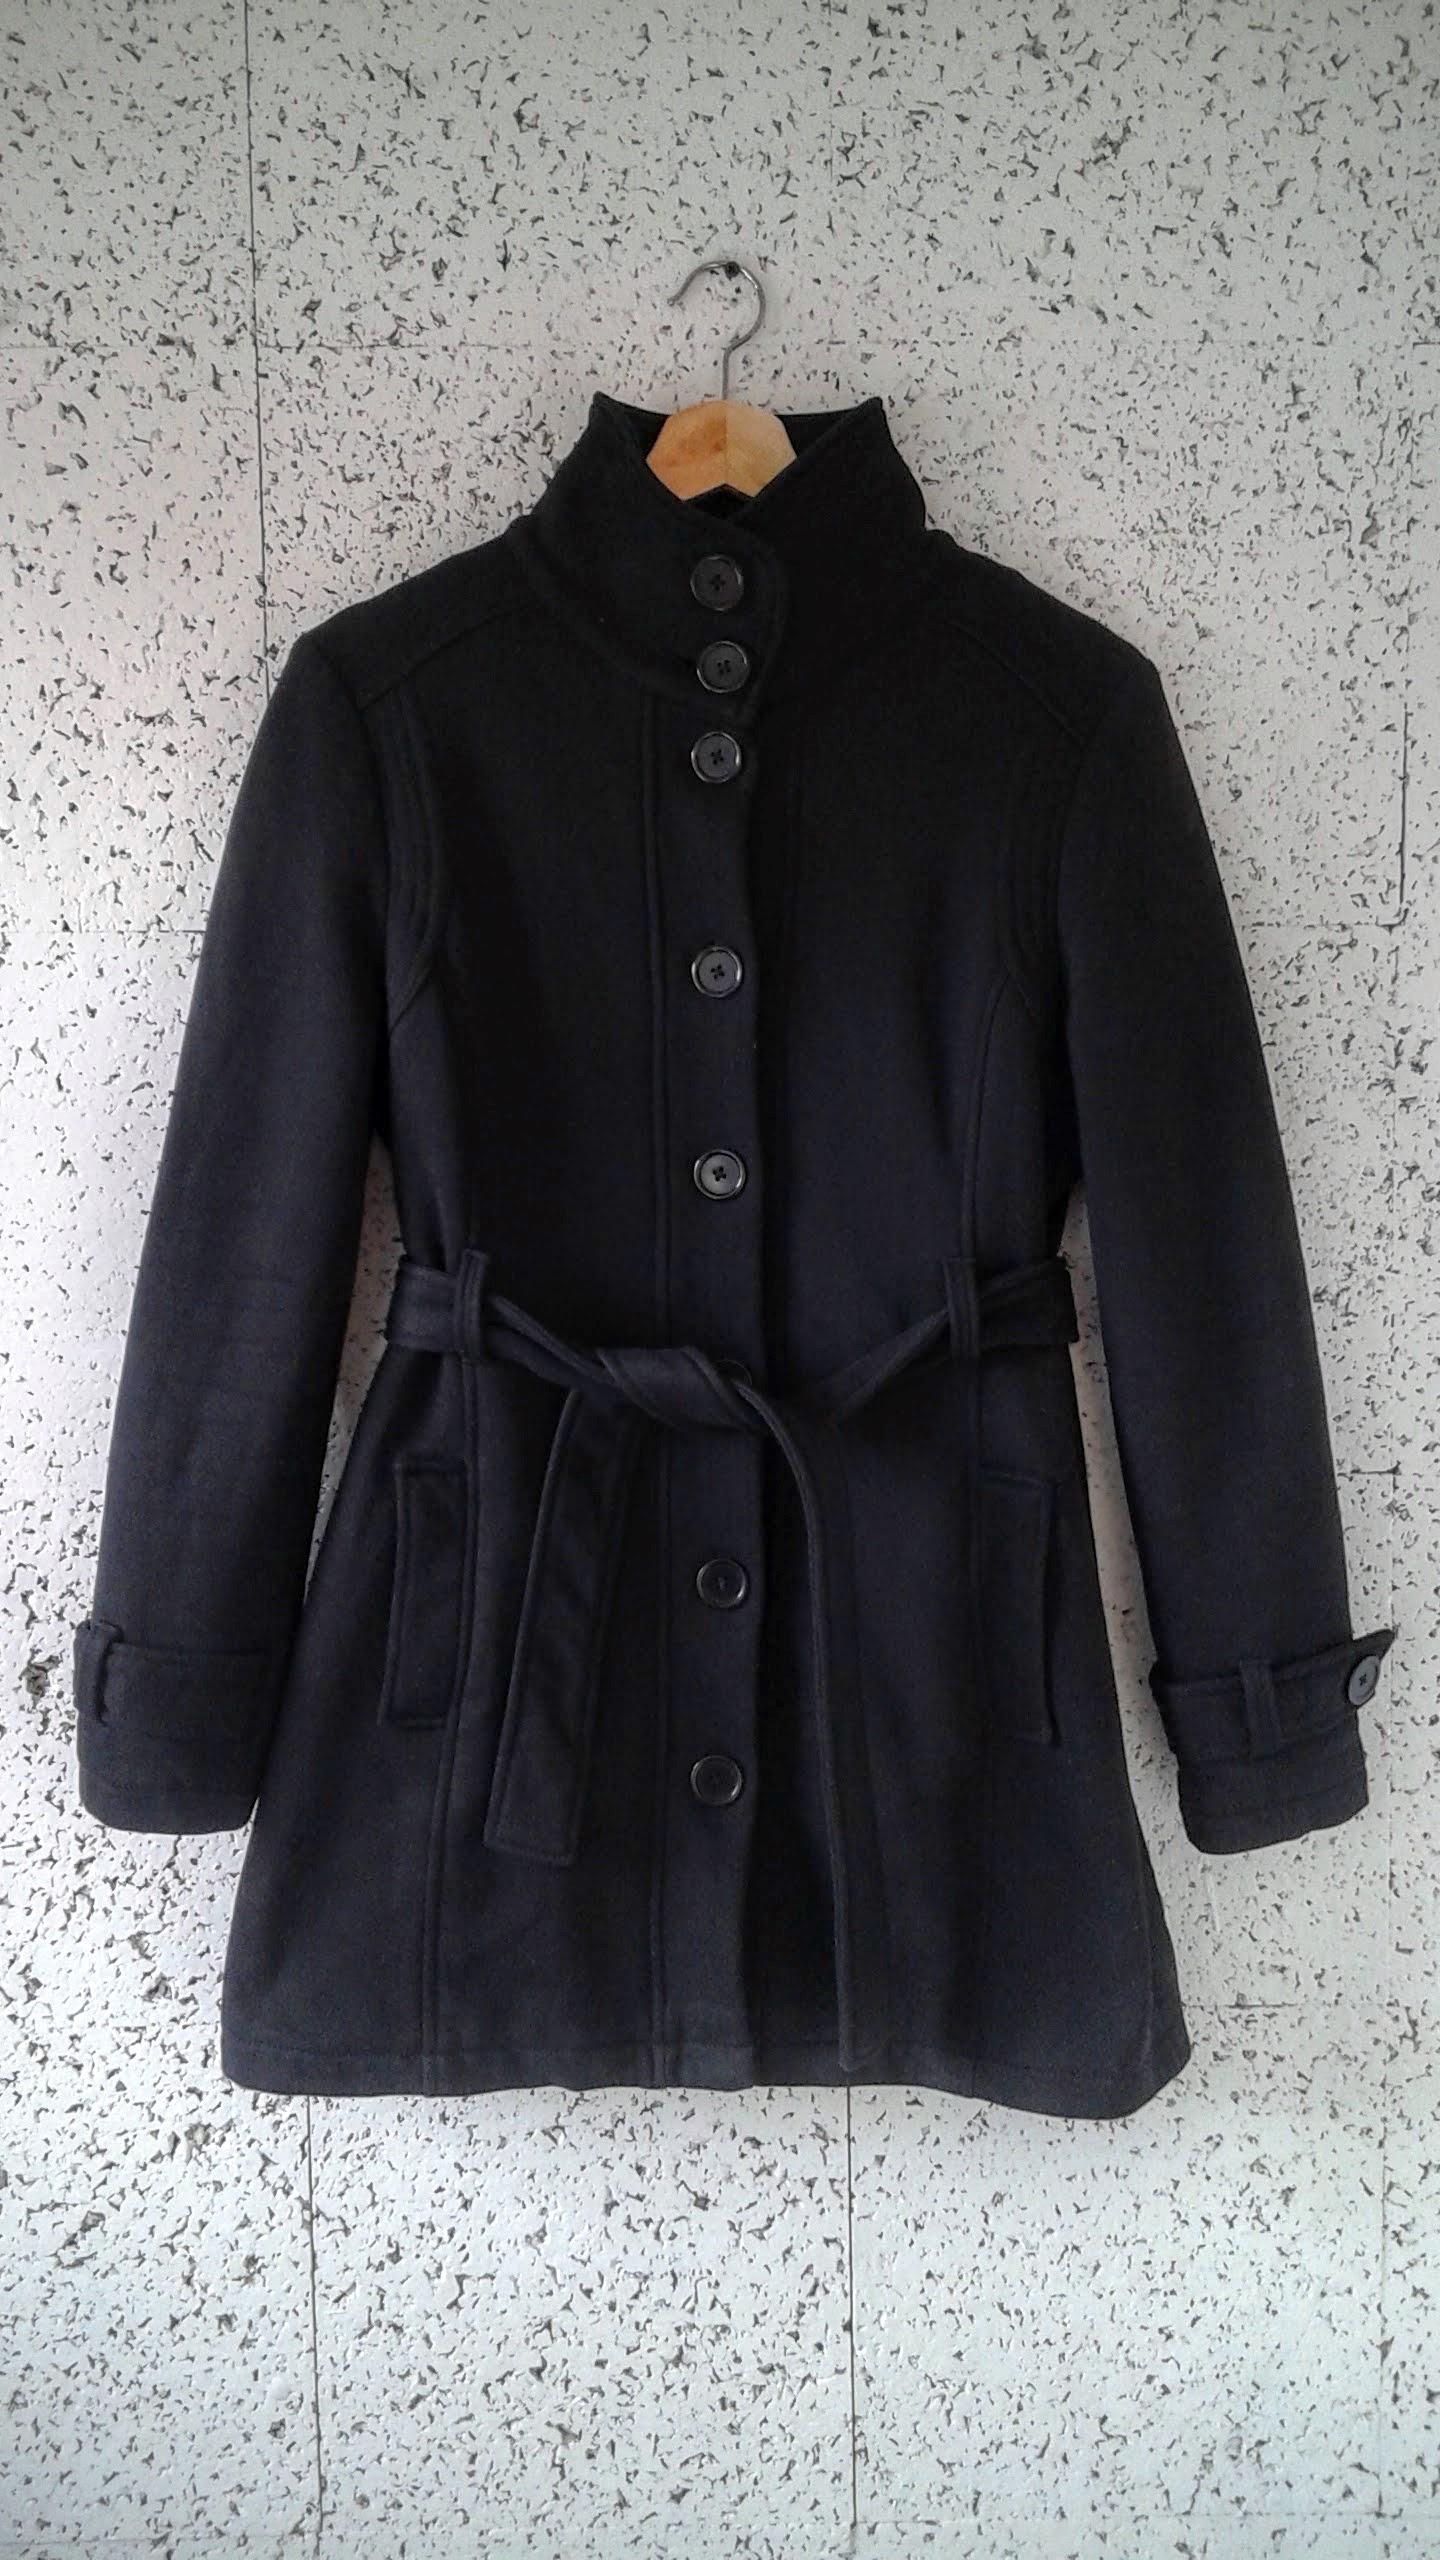 Three Stones coat; Size M, $58